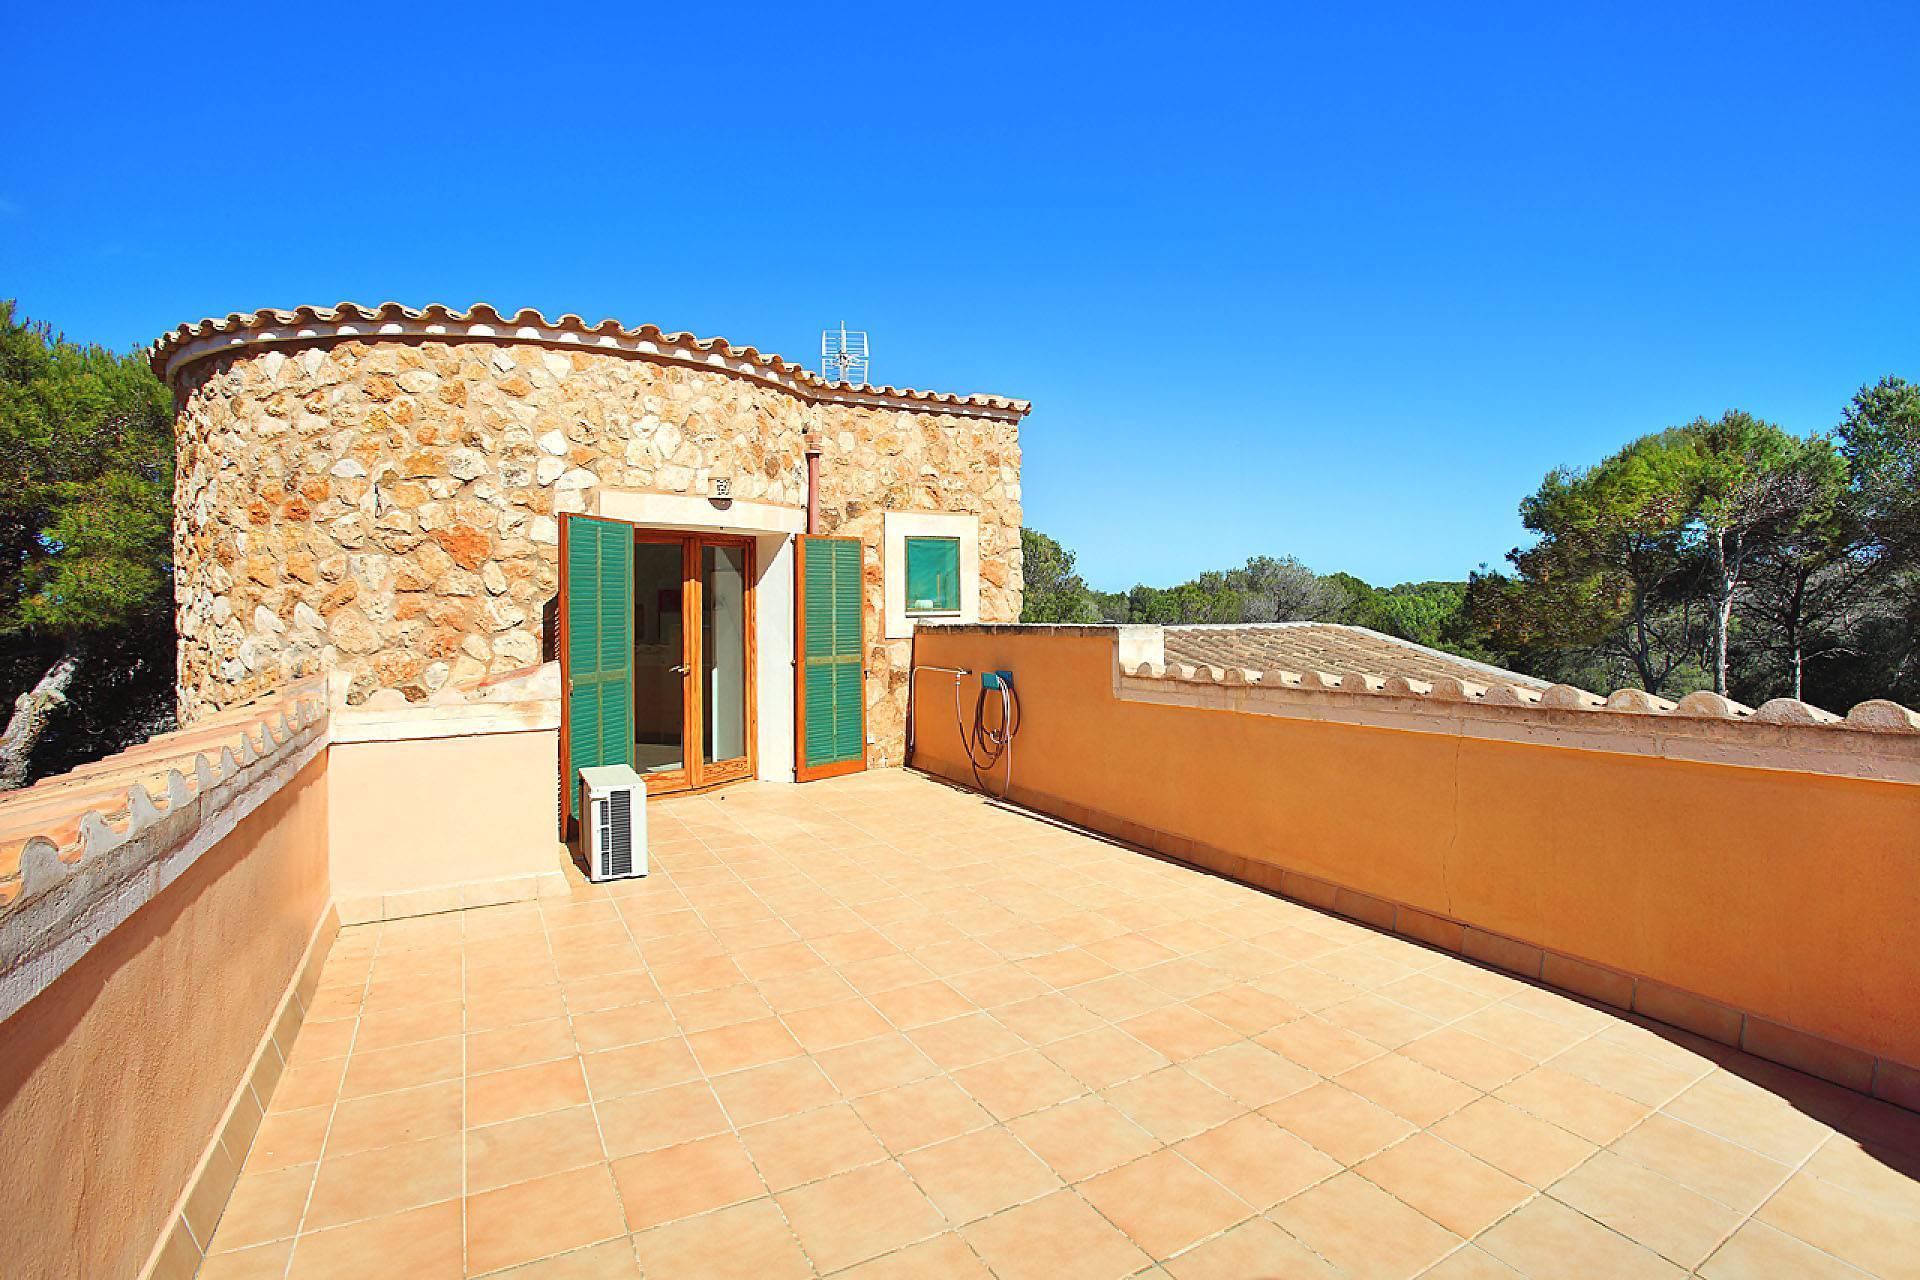 01-174 Gemütliches Ferienhaus Mallorca Süden Bild 27